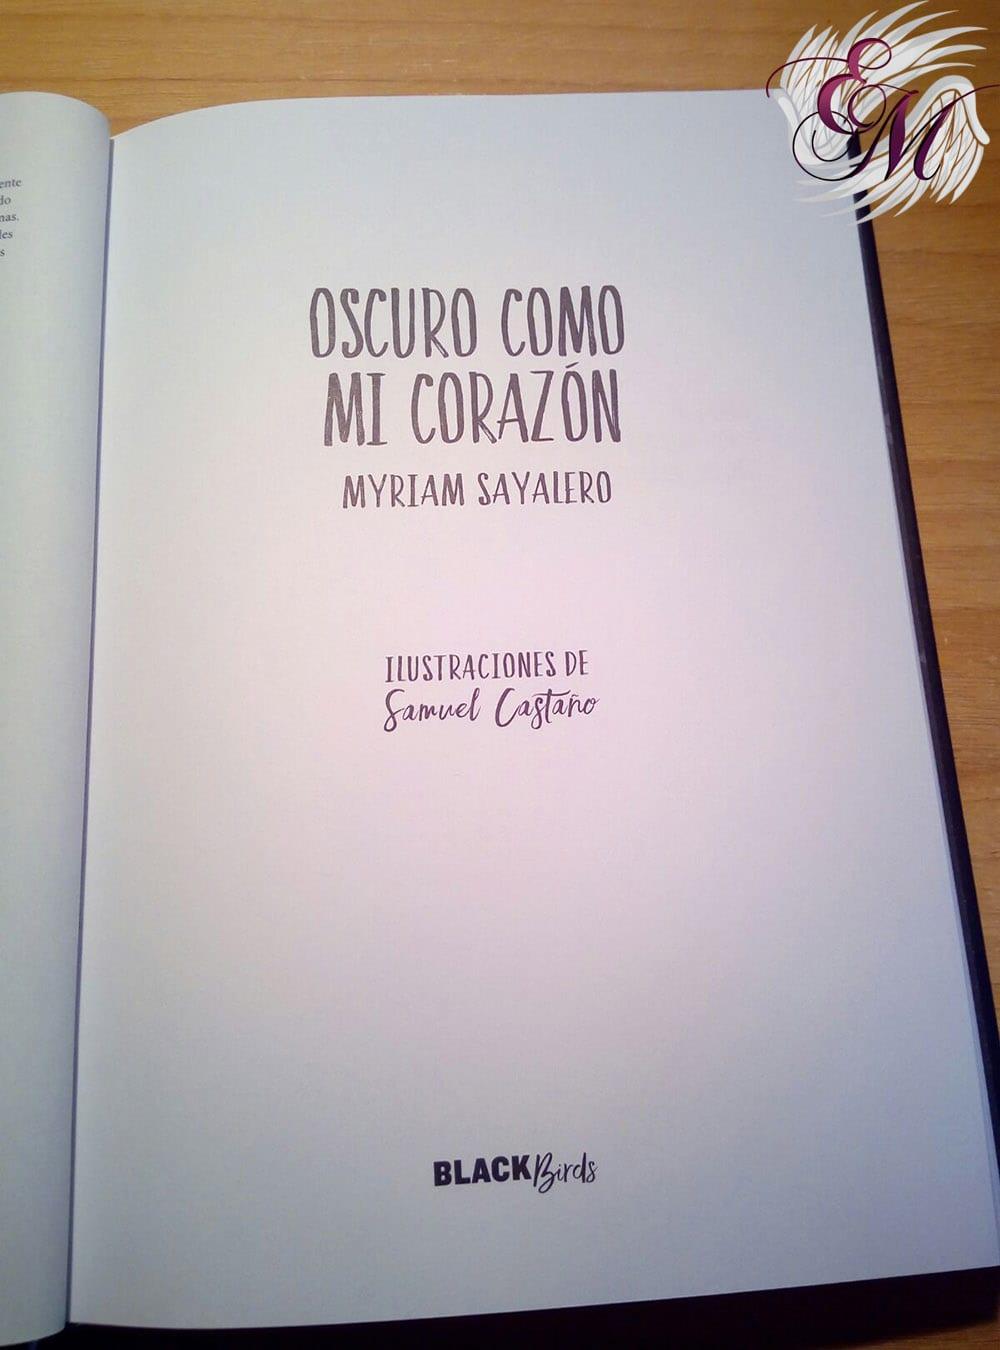 Oscuro como mi corazón, de Myriam Sayalero - Reseña